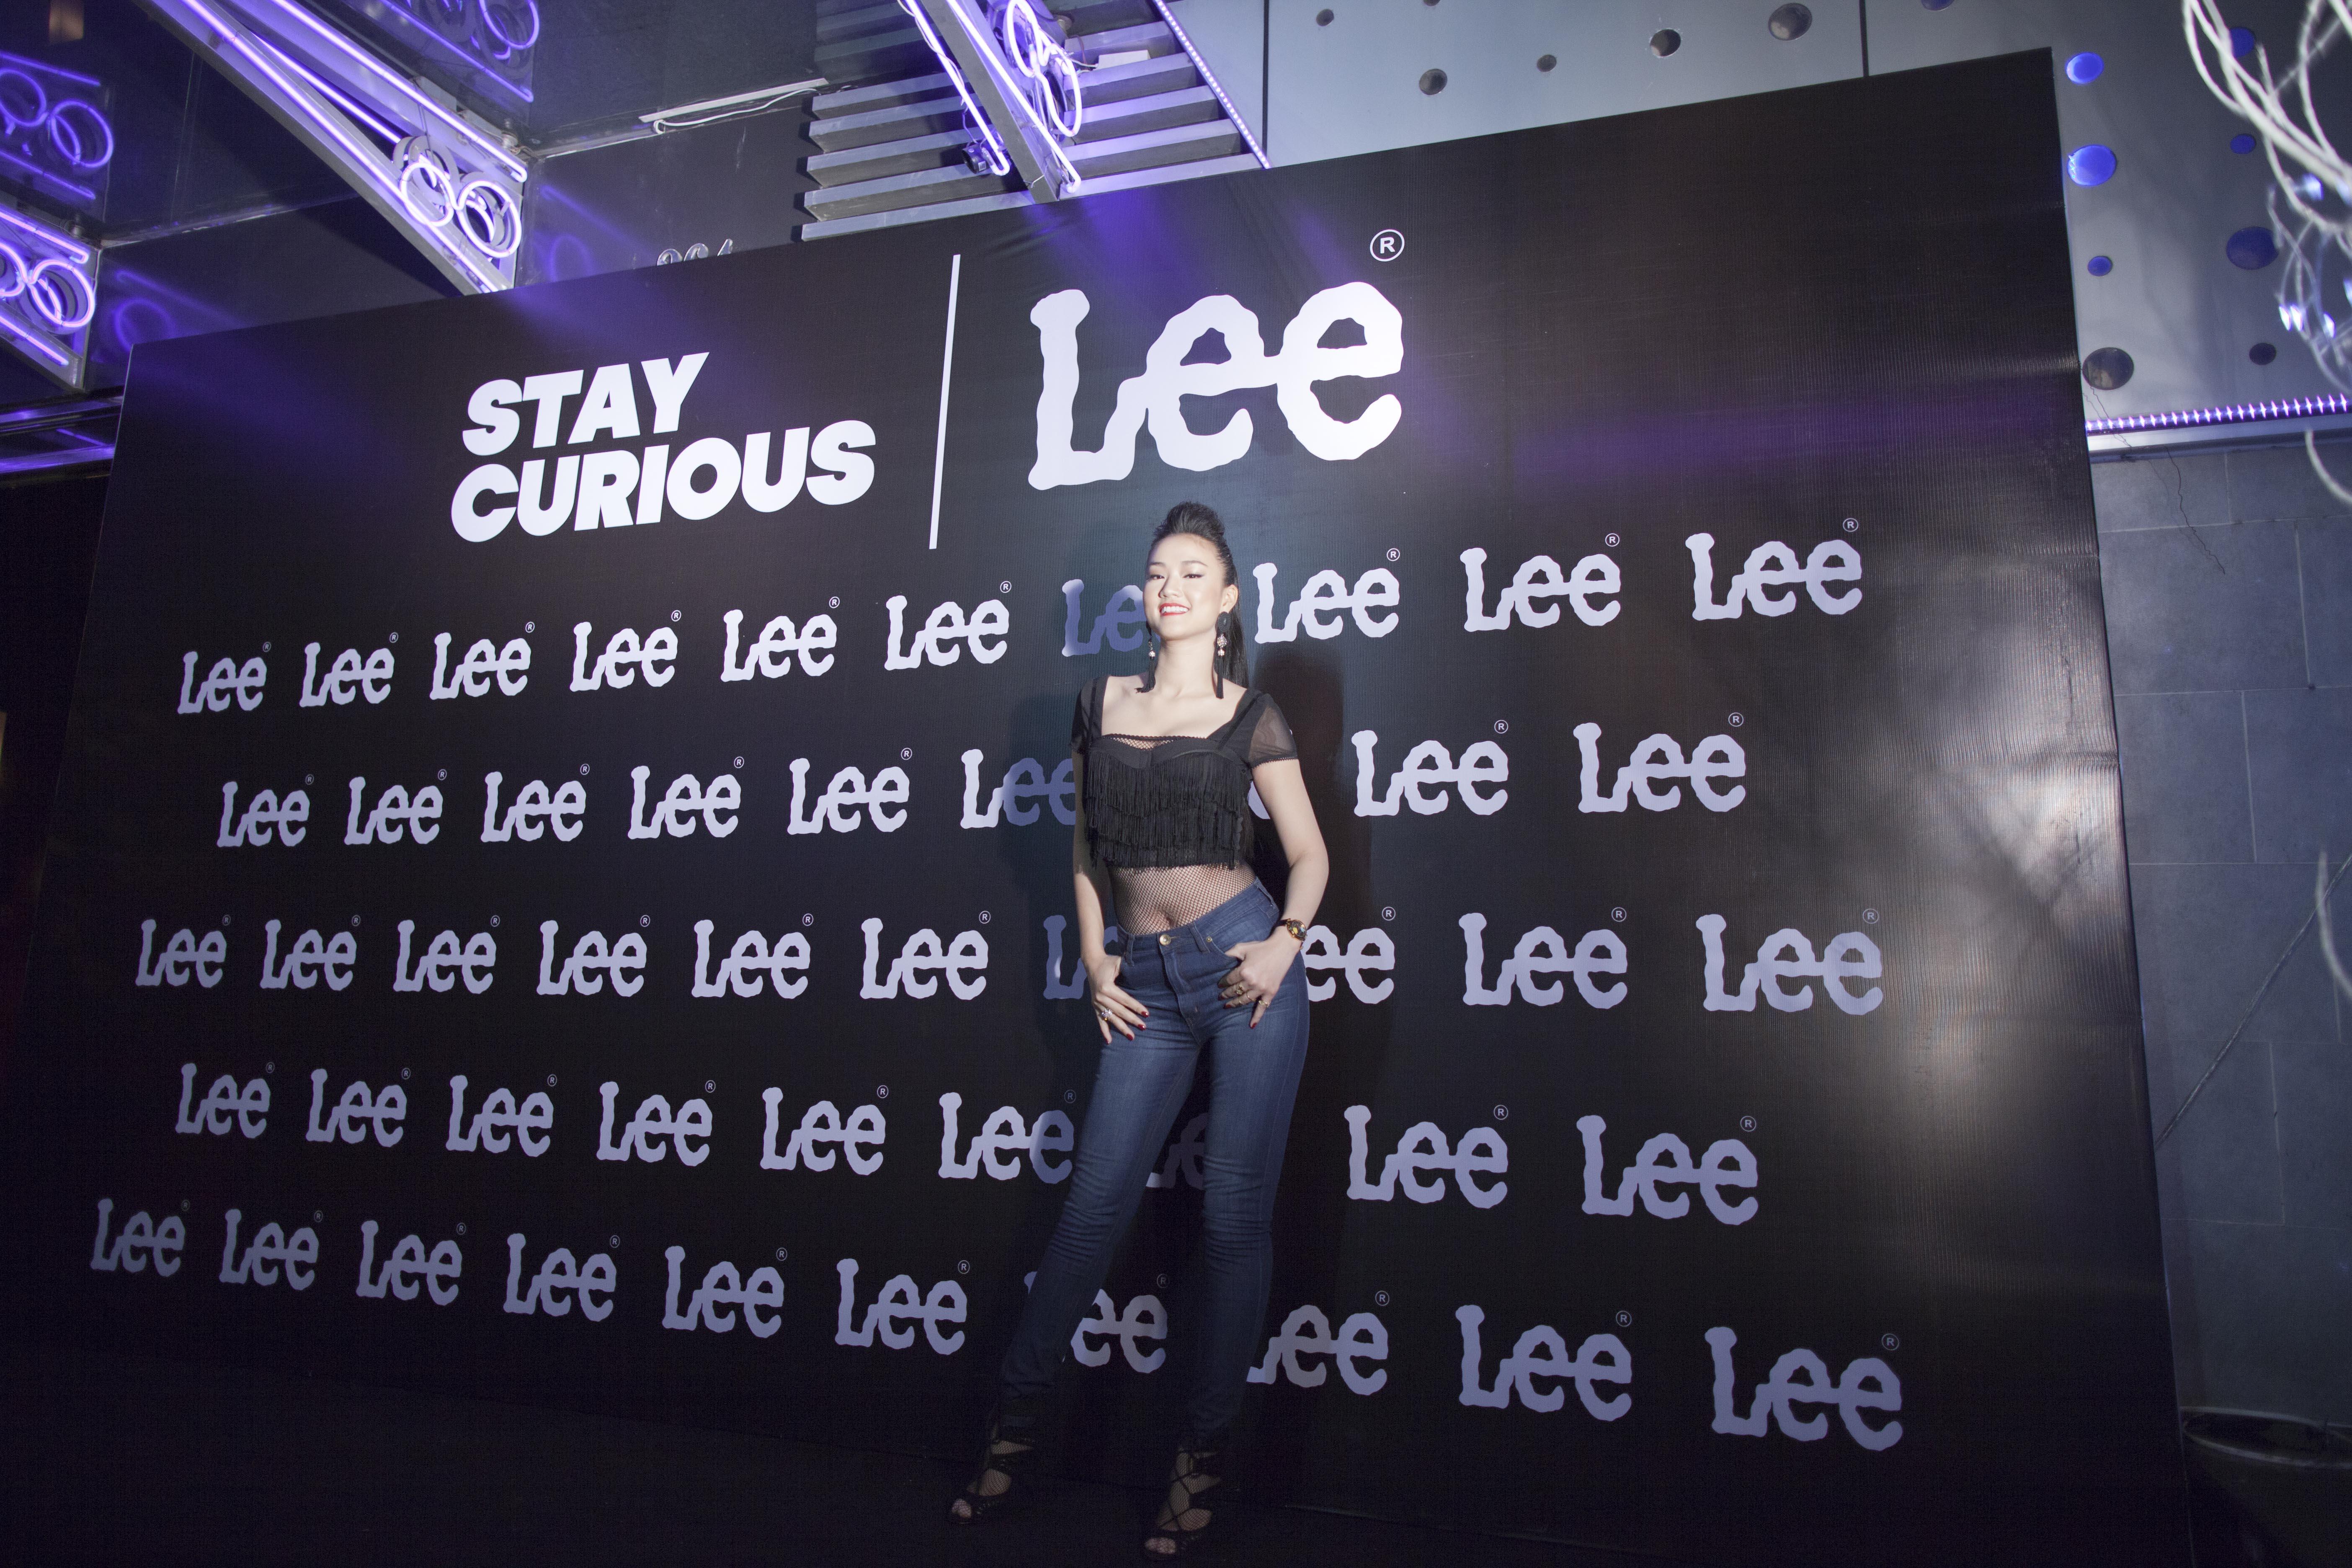 Maya khoe đường cong gợi cảm trong trang phục Jean Lee 1